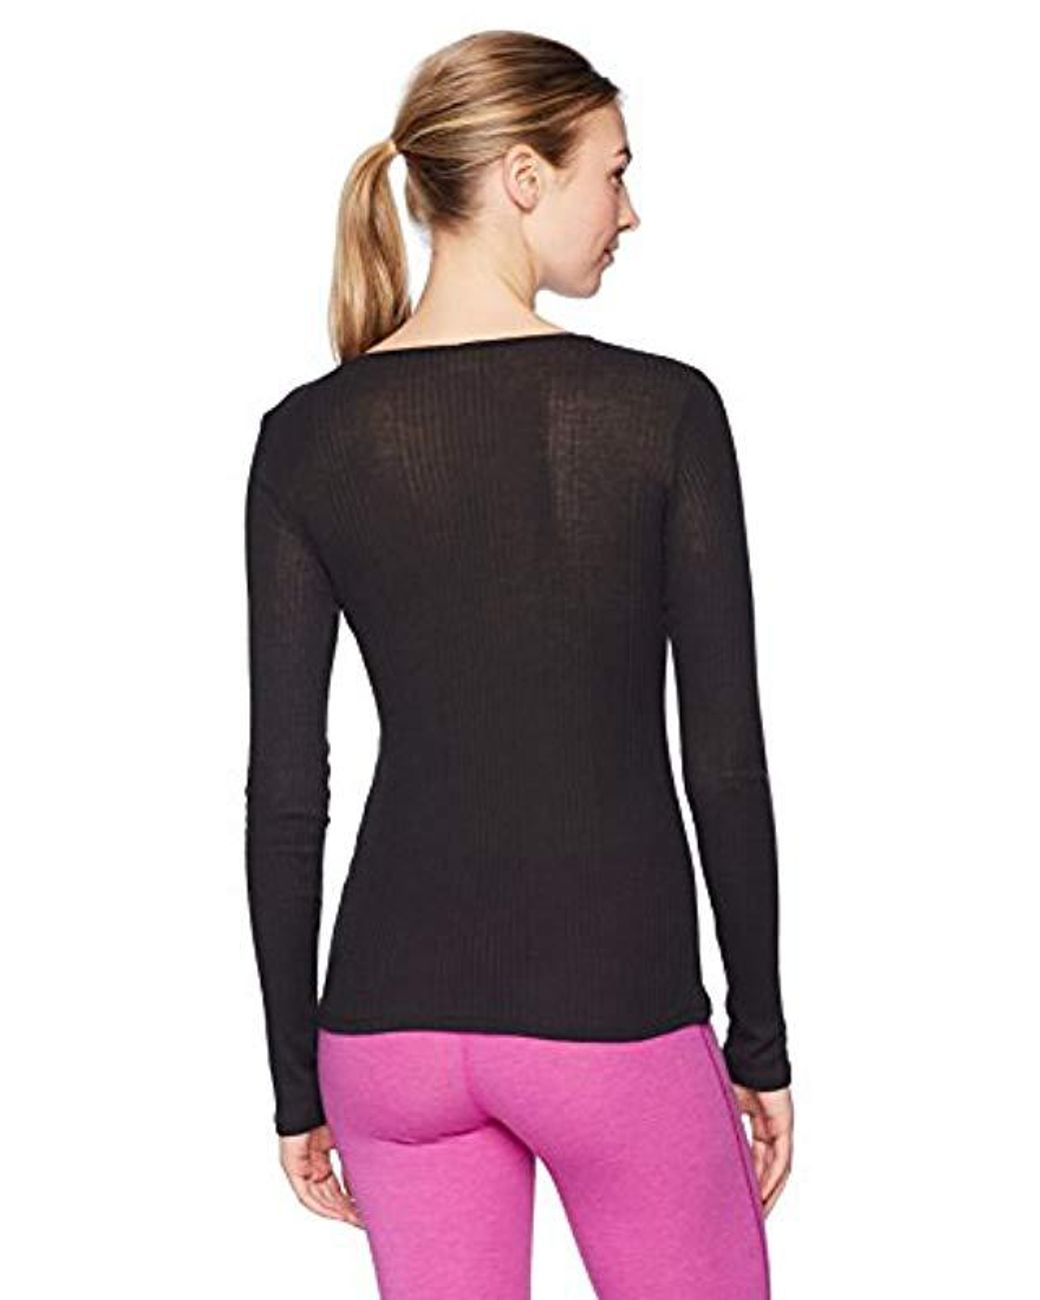 Alo Yoga Womens Interlace Long Sleeve Top